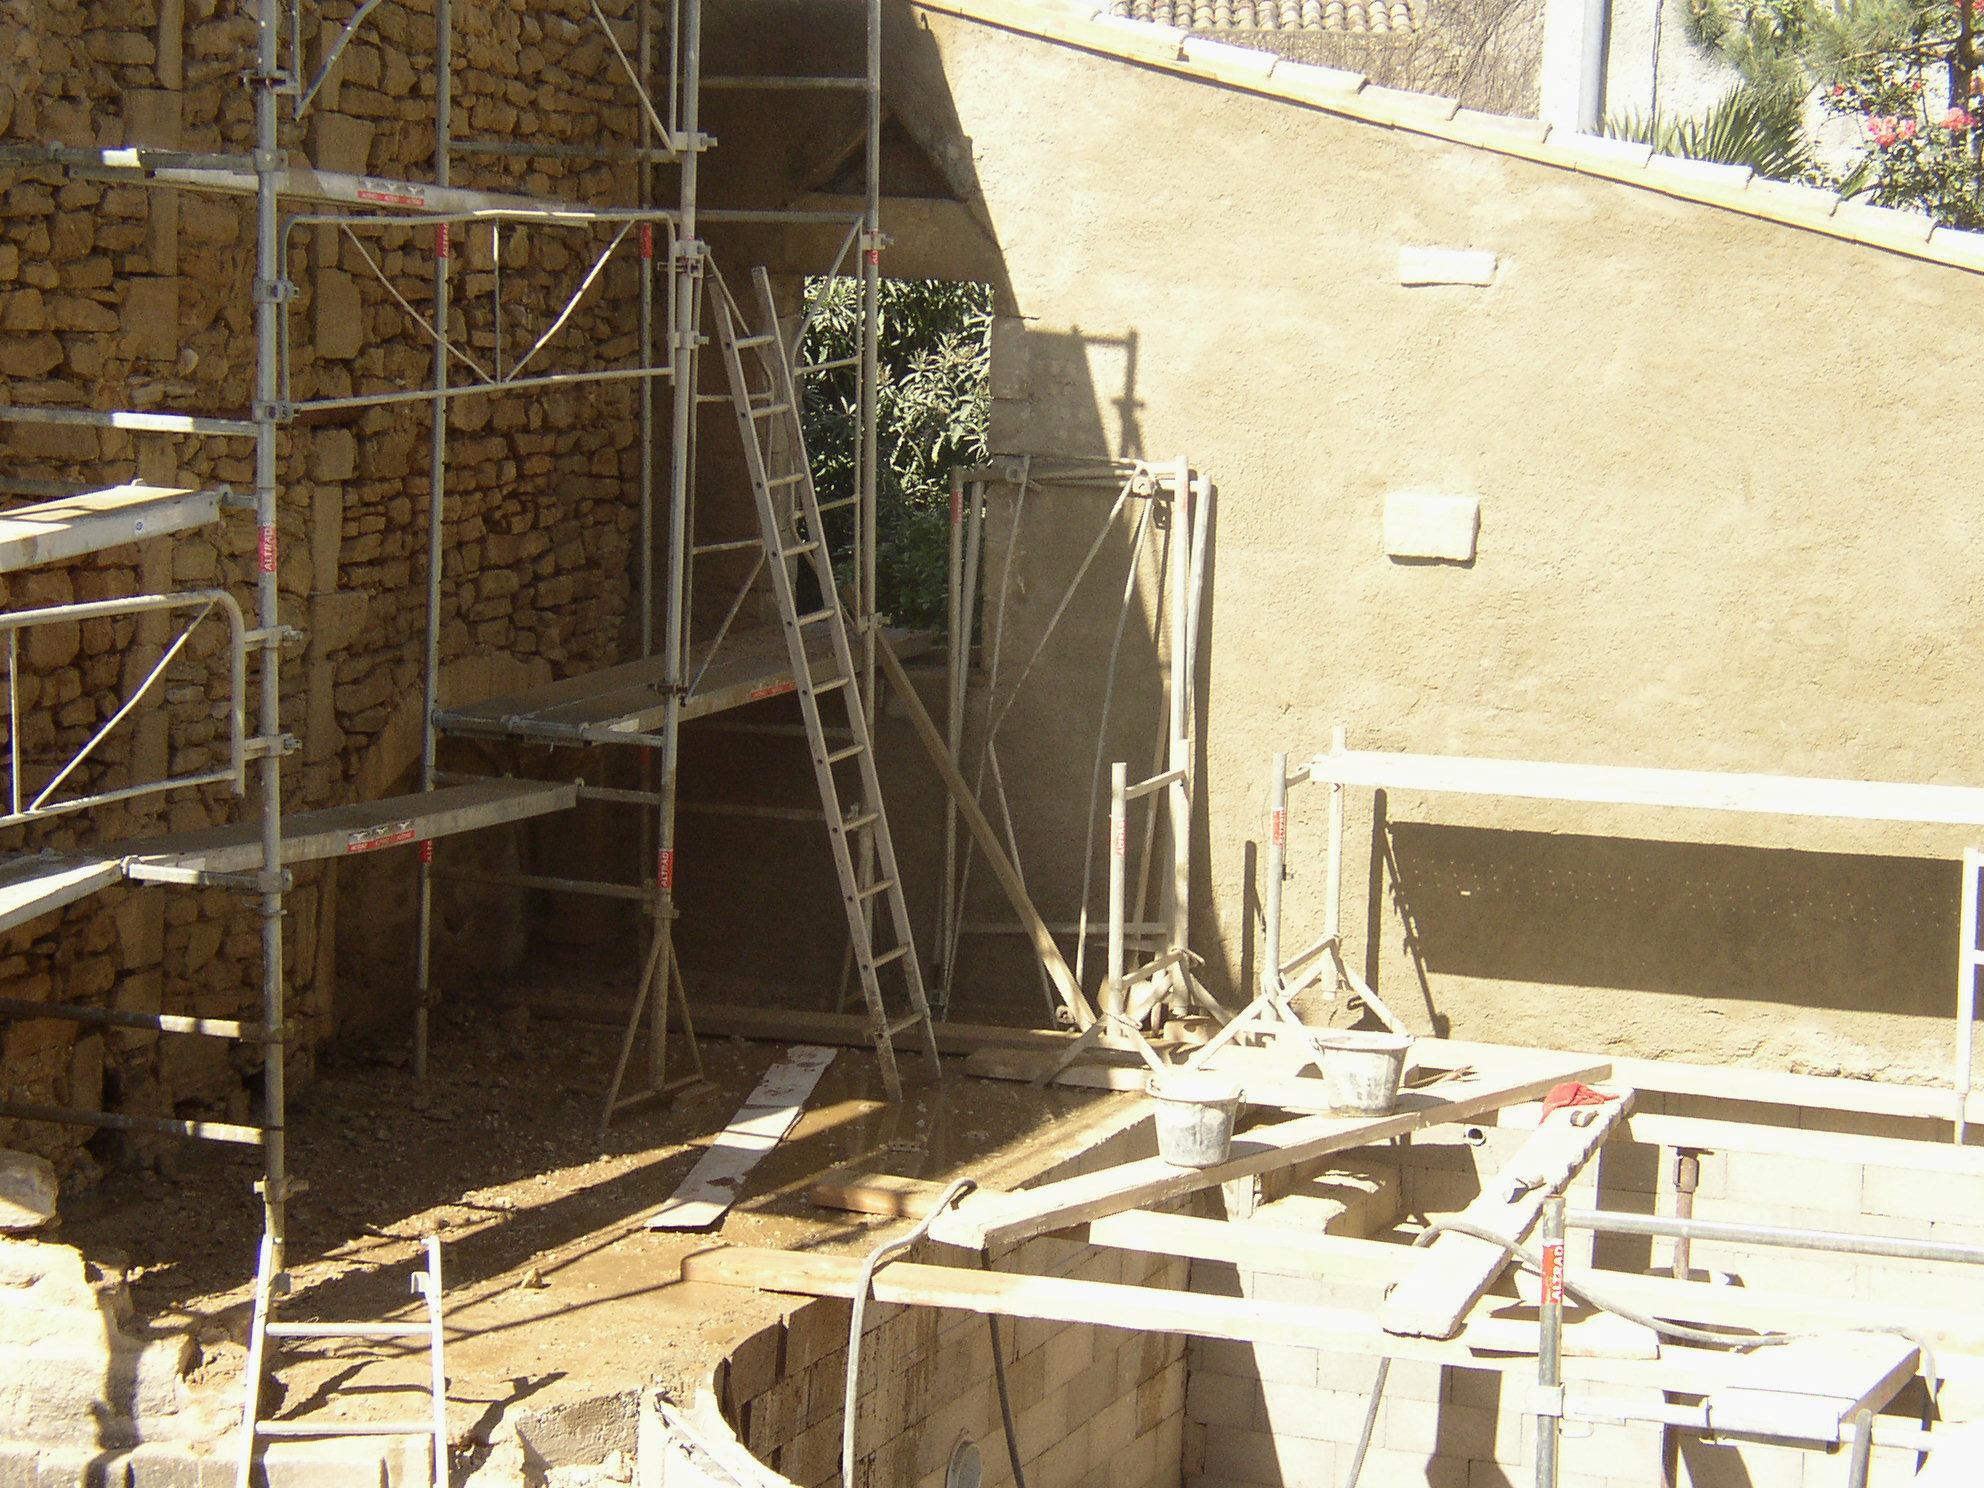 Desportes rénovation Gard. Décroutage des façades, rejointoiement des pierres et enduit 3 couches à la chaux.